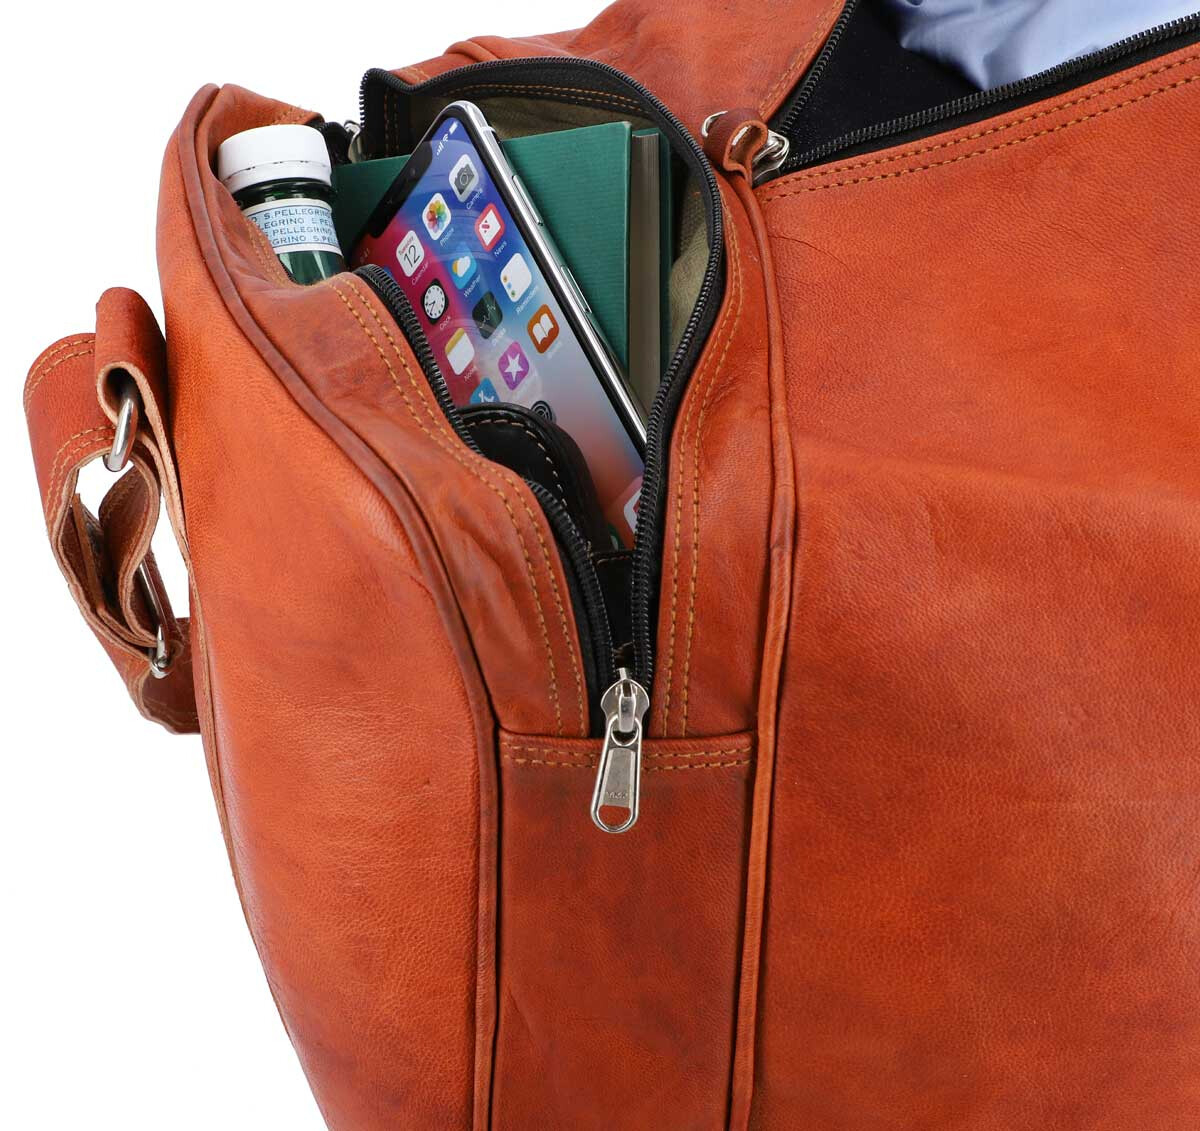 Outlet Reisetasche – Klebereste - leichter Rost - kleinere Lederfehler – ansonsten neu – siehe Video